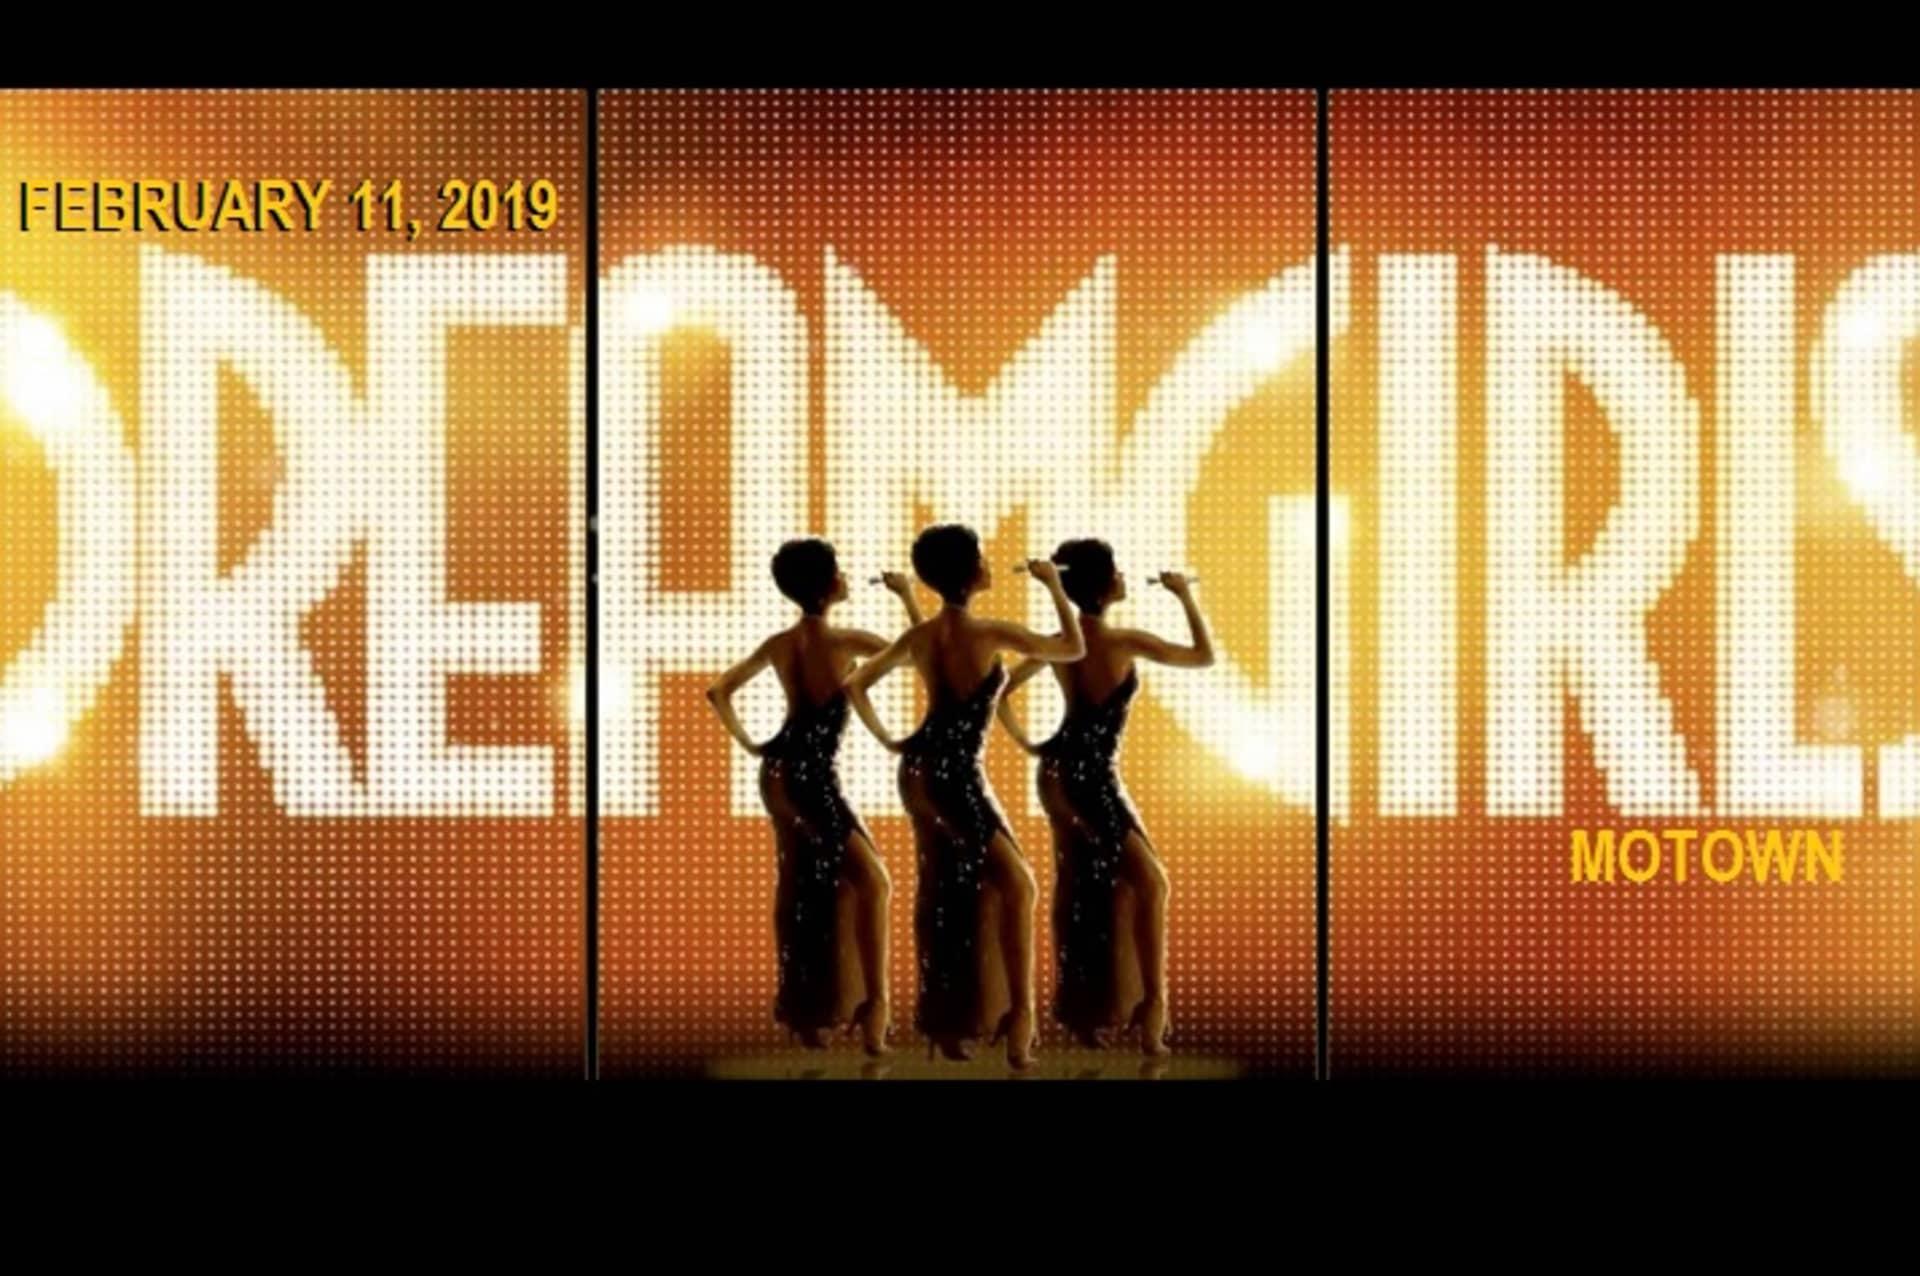 Dreamgirls - Motown